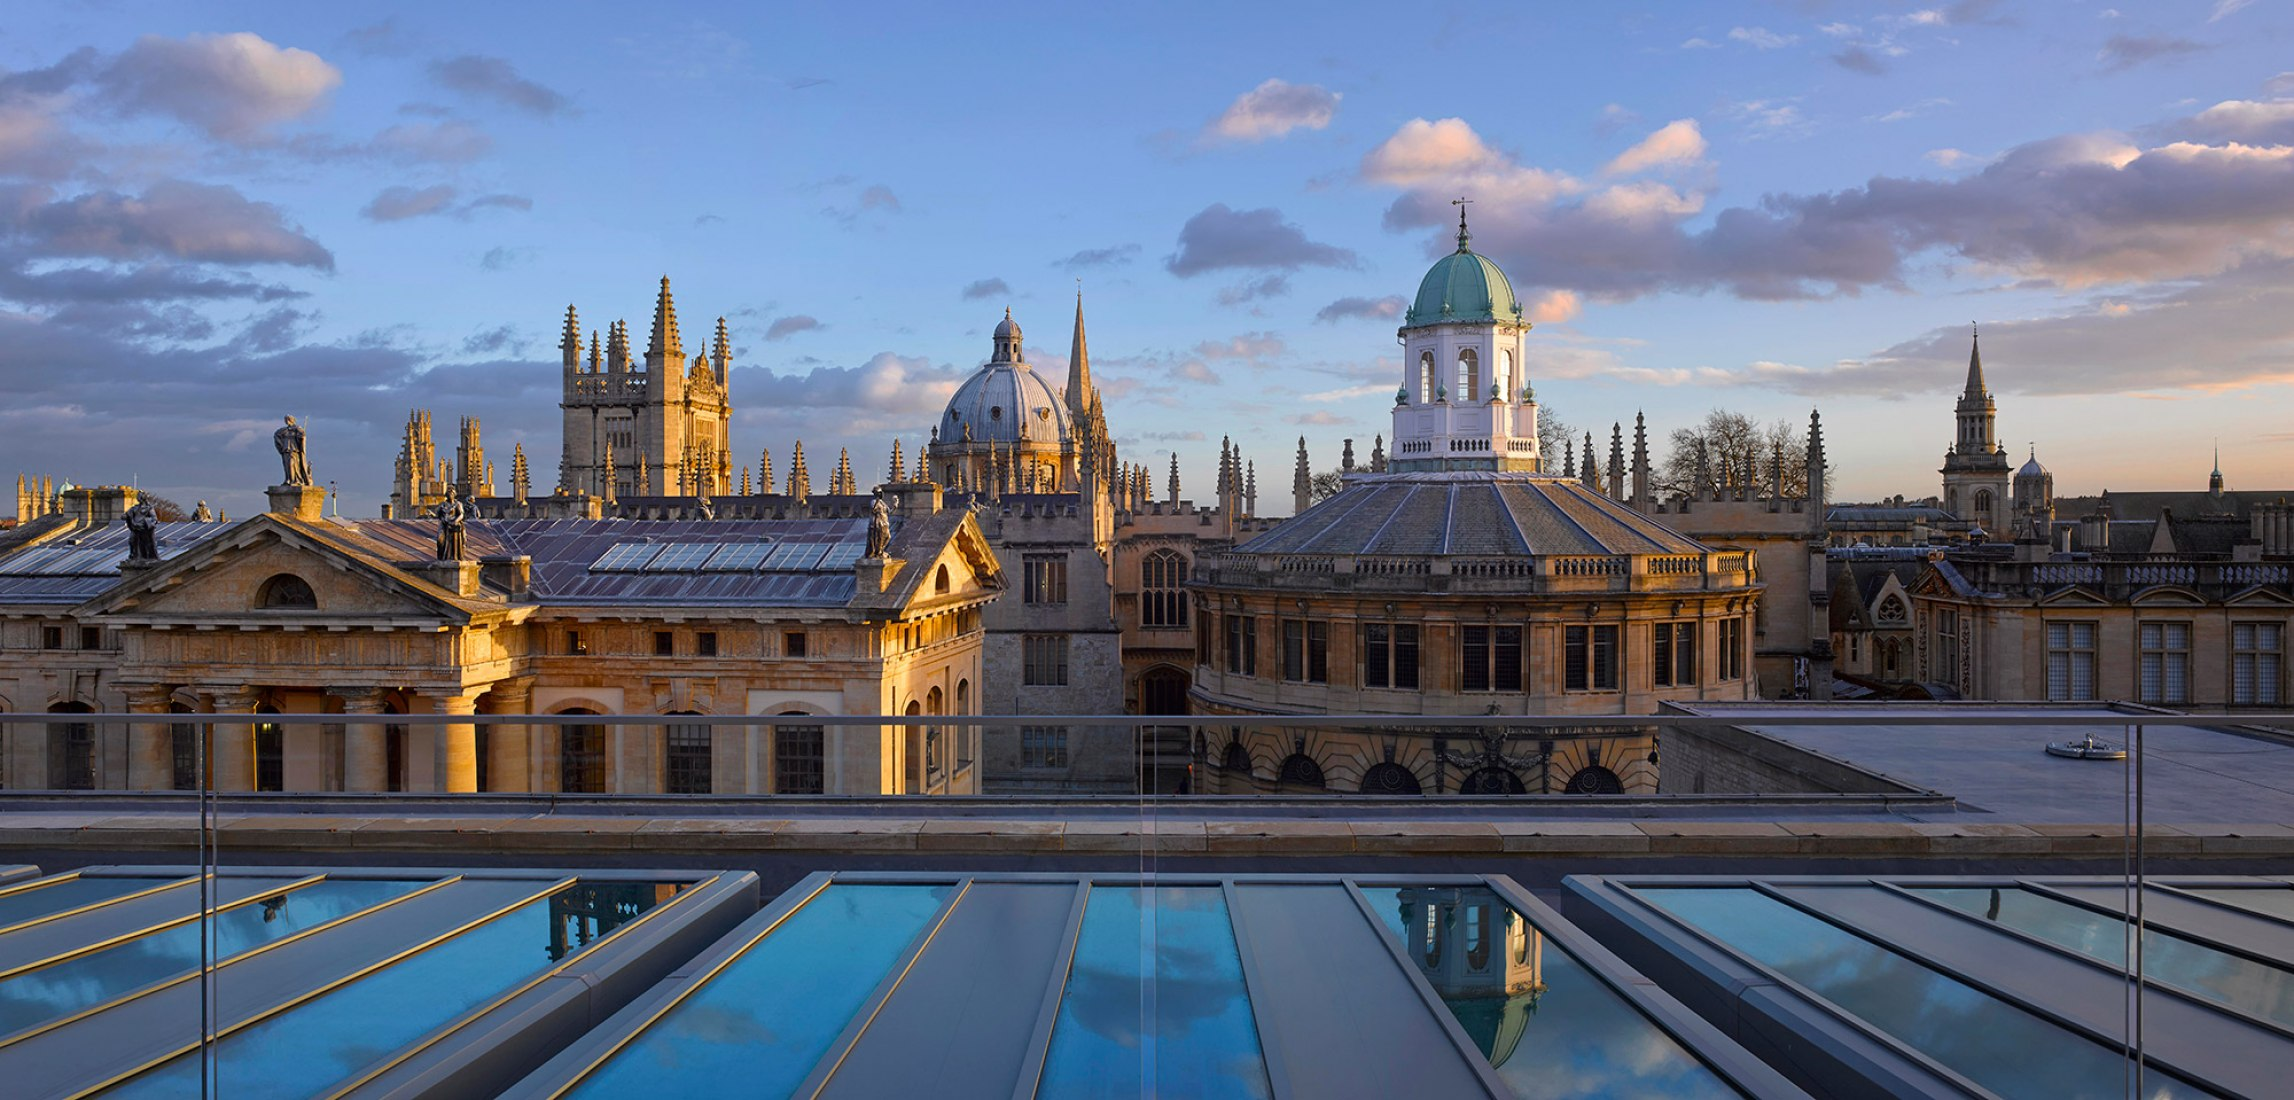 Vista de Oxford desde la azotea © Will Pryce.